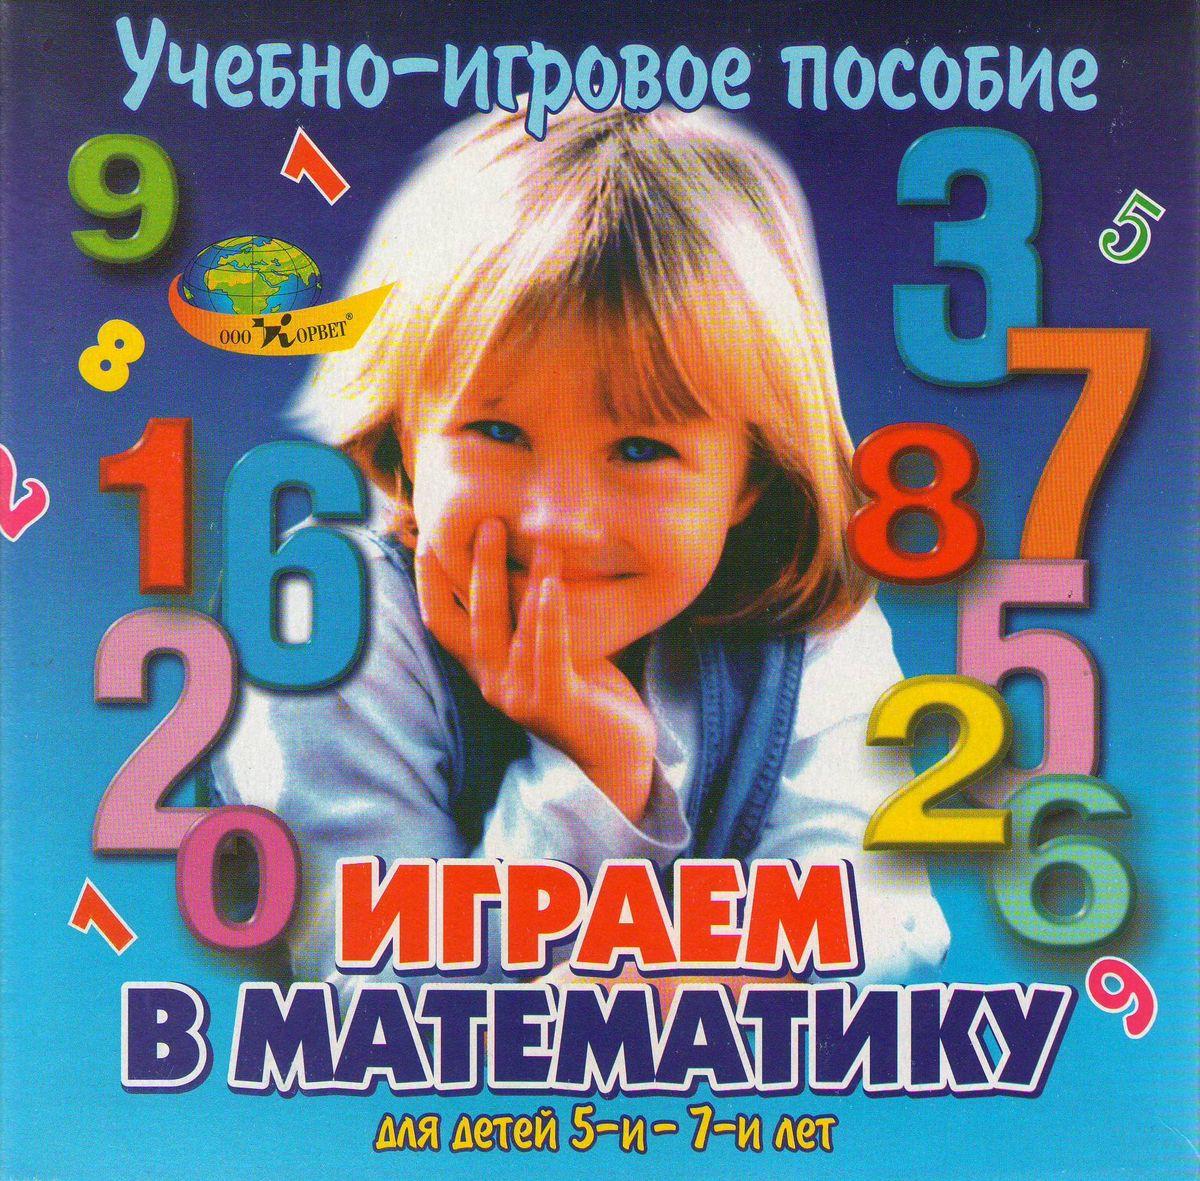 Корвет Обучающая игра Играем в математику корвет обучающая игра в стране котландии